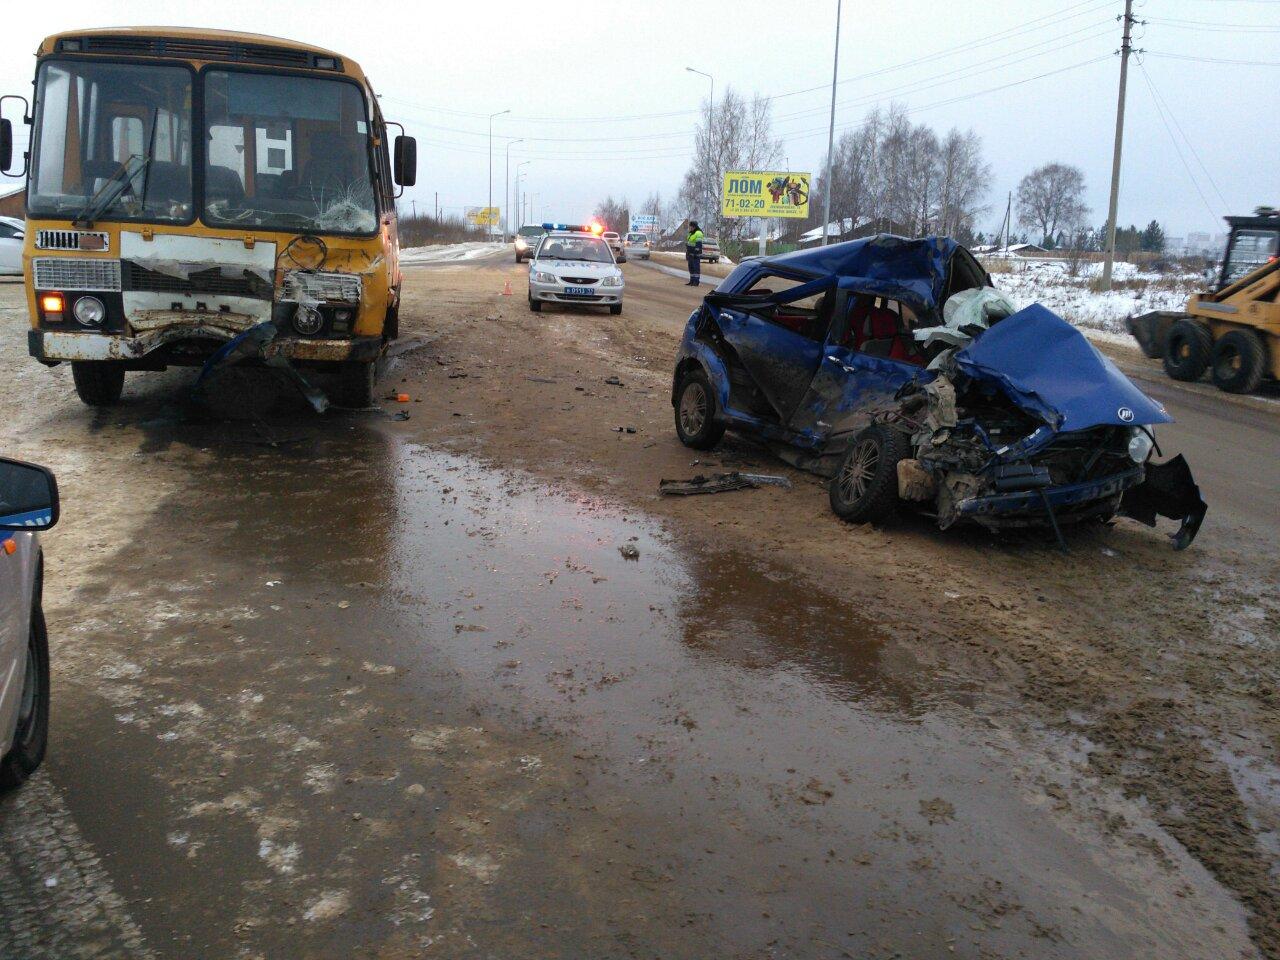 ВСыктывкаре автомобилистка сребёнком всалоне влетела под автобус